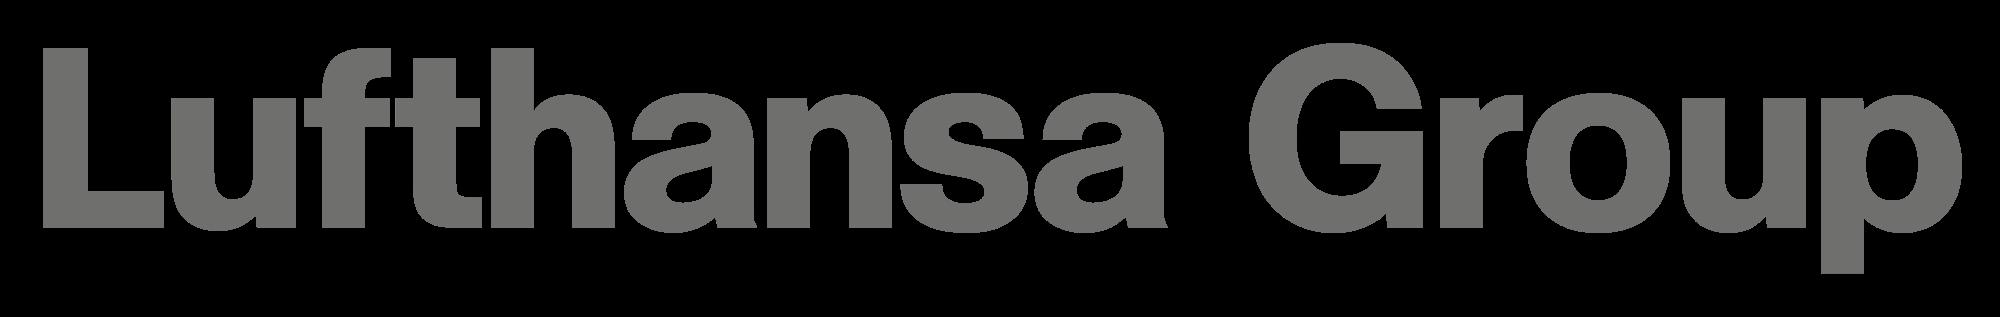 Lufthansa_Group logo.png